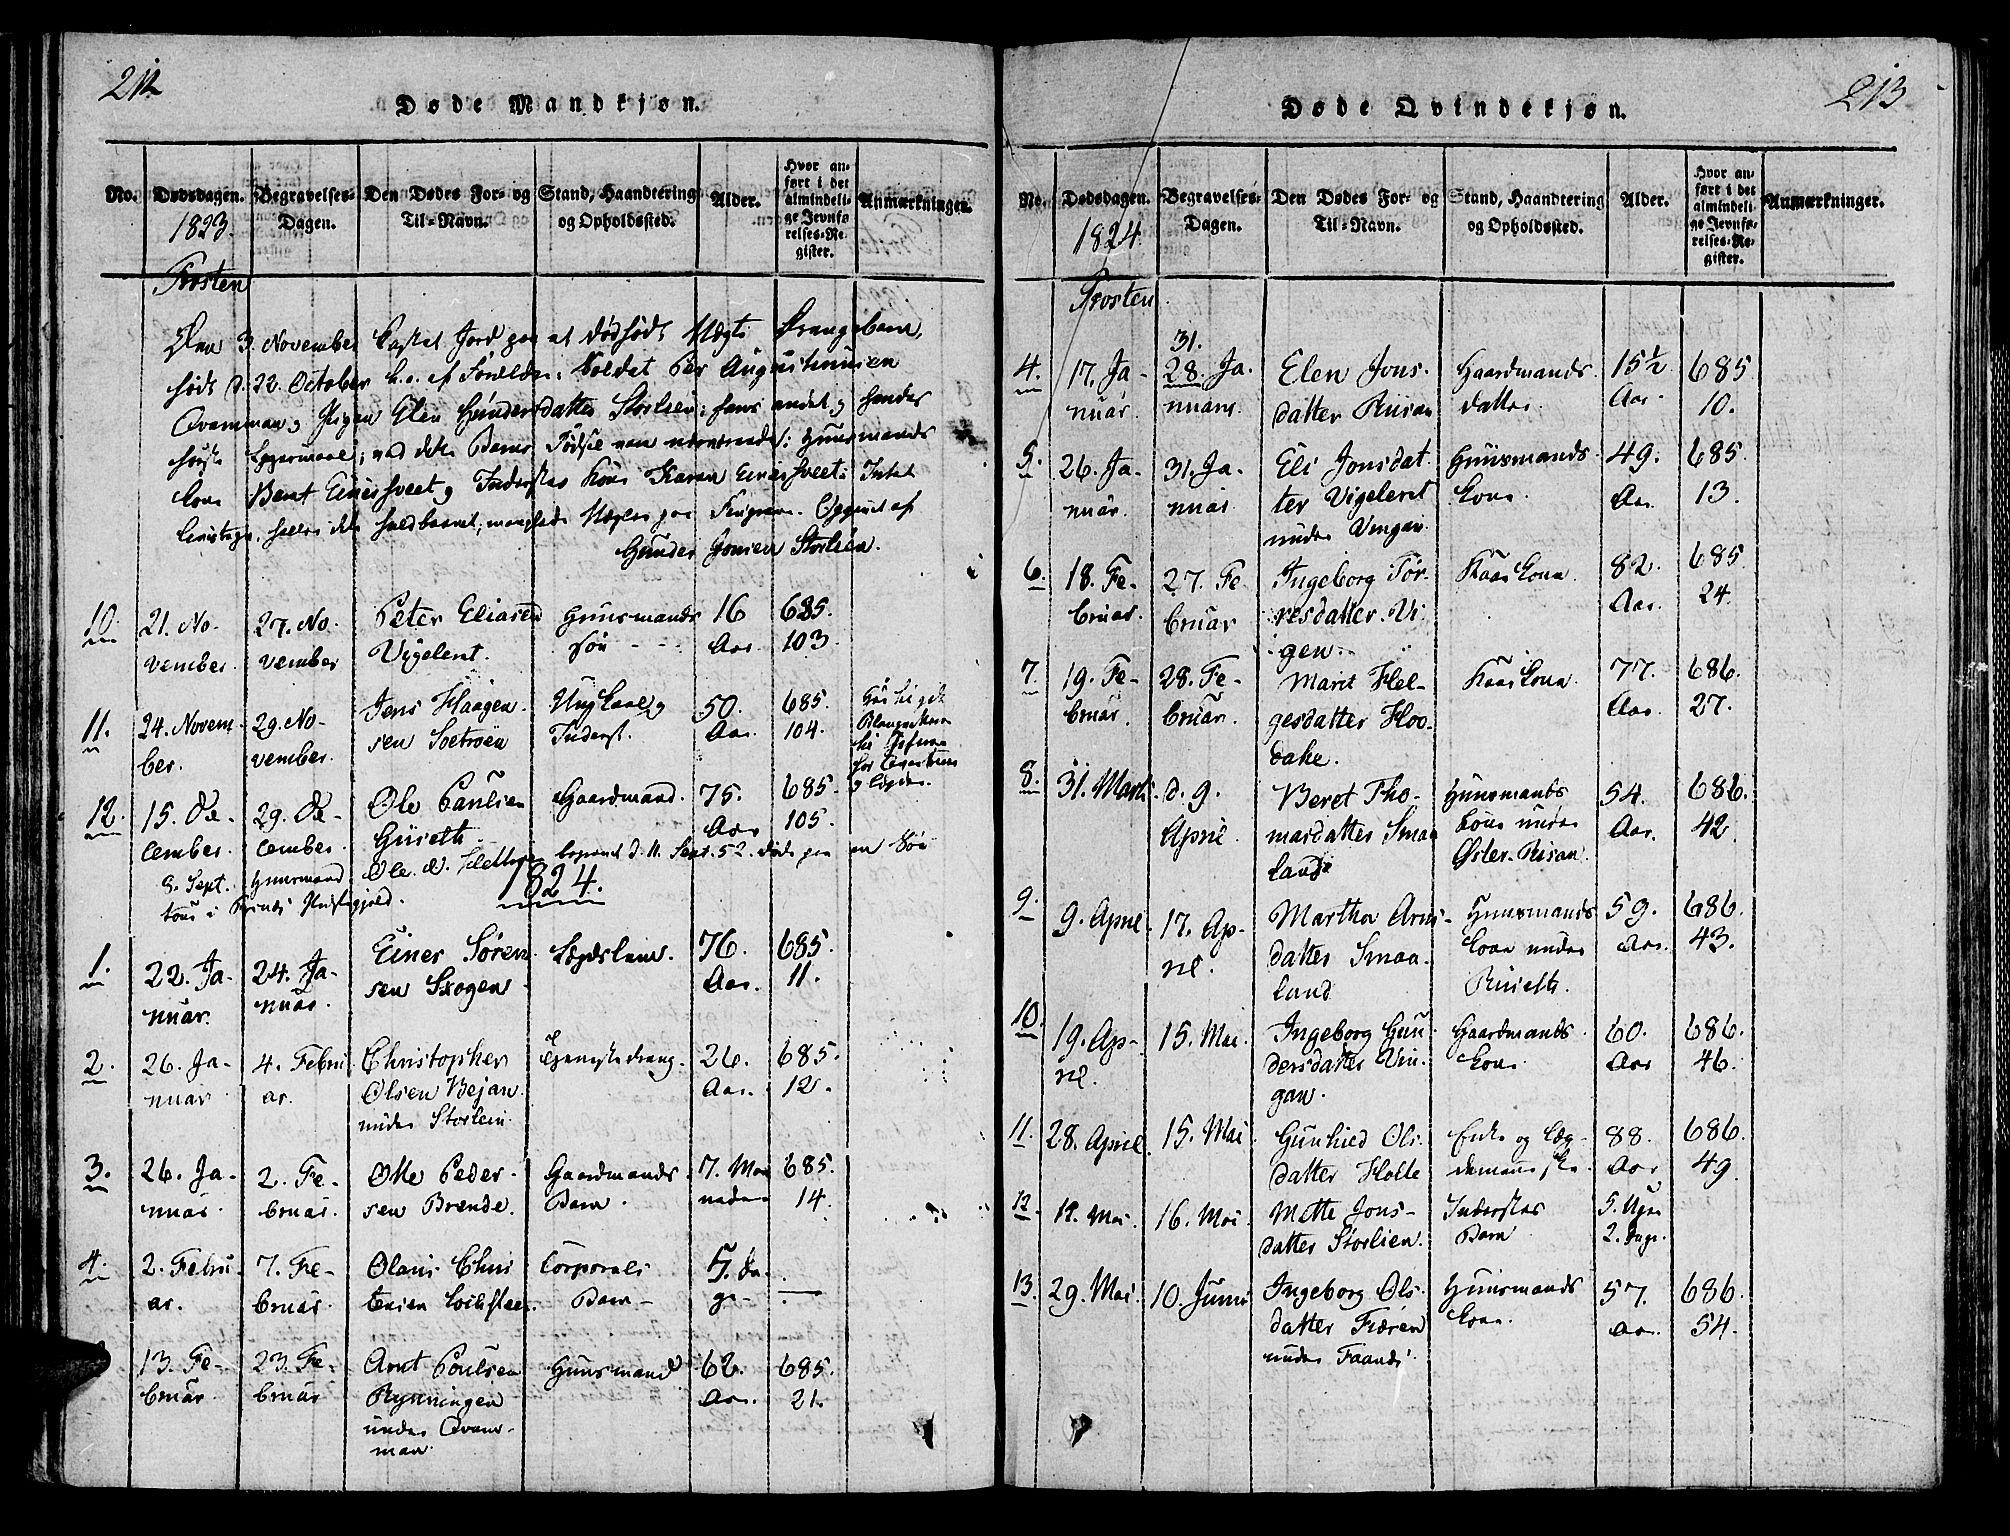 SAT, Ministerialprotokoller, klokkerbøker og fødselsregistre - Nord-Trøndelag, 713/L0112: Ministerialbok nr. 713A04 /1, 1817-1827, s. 212-213